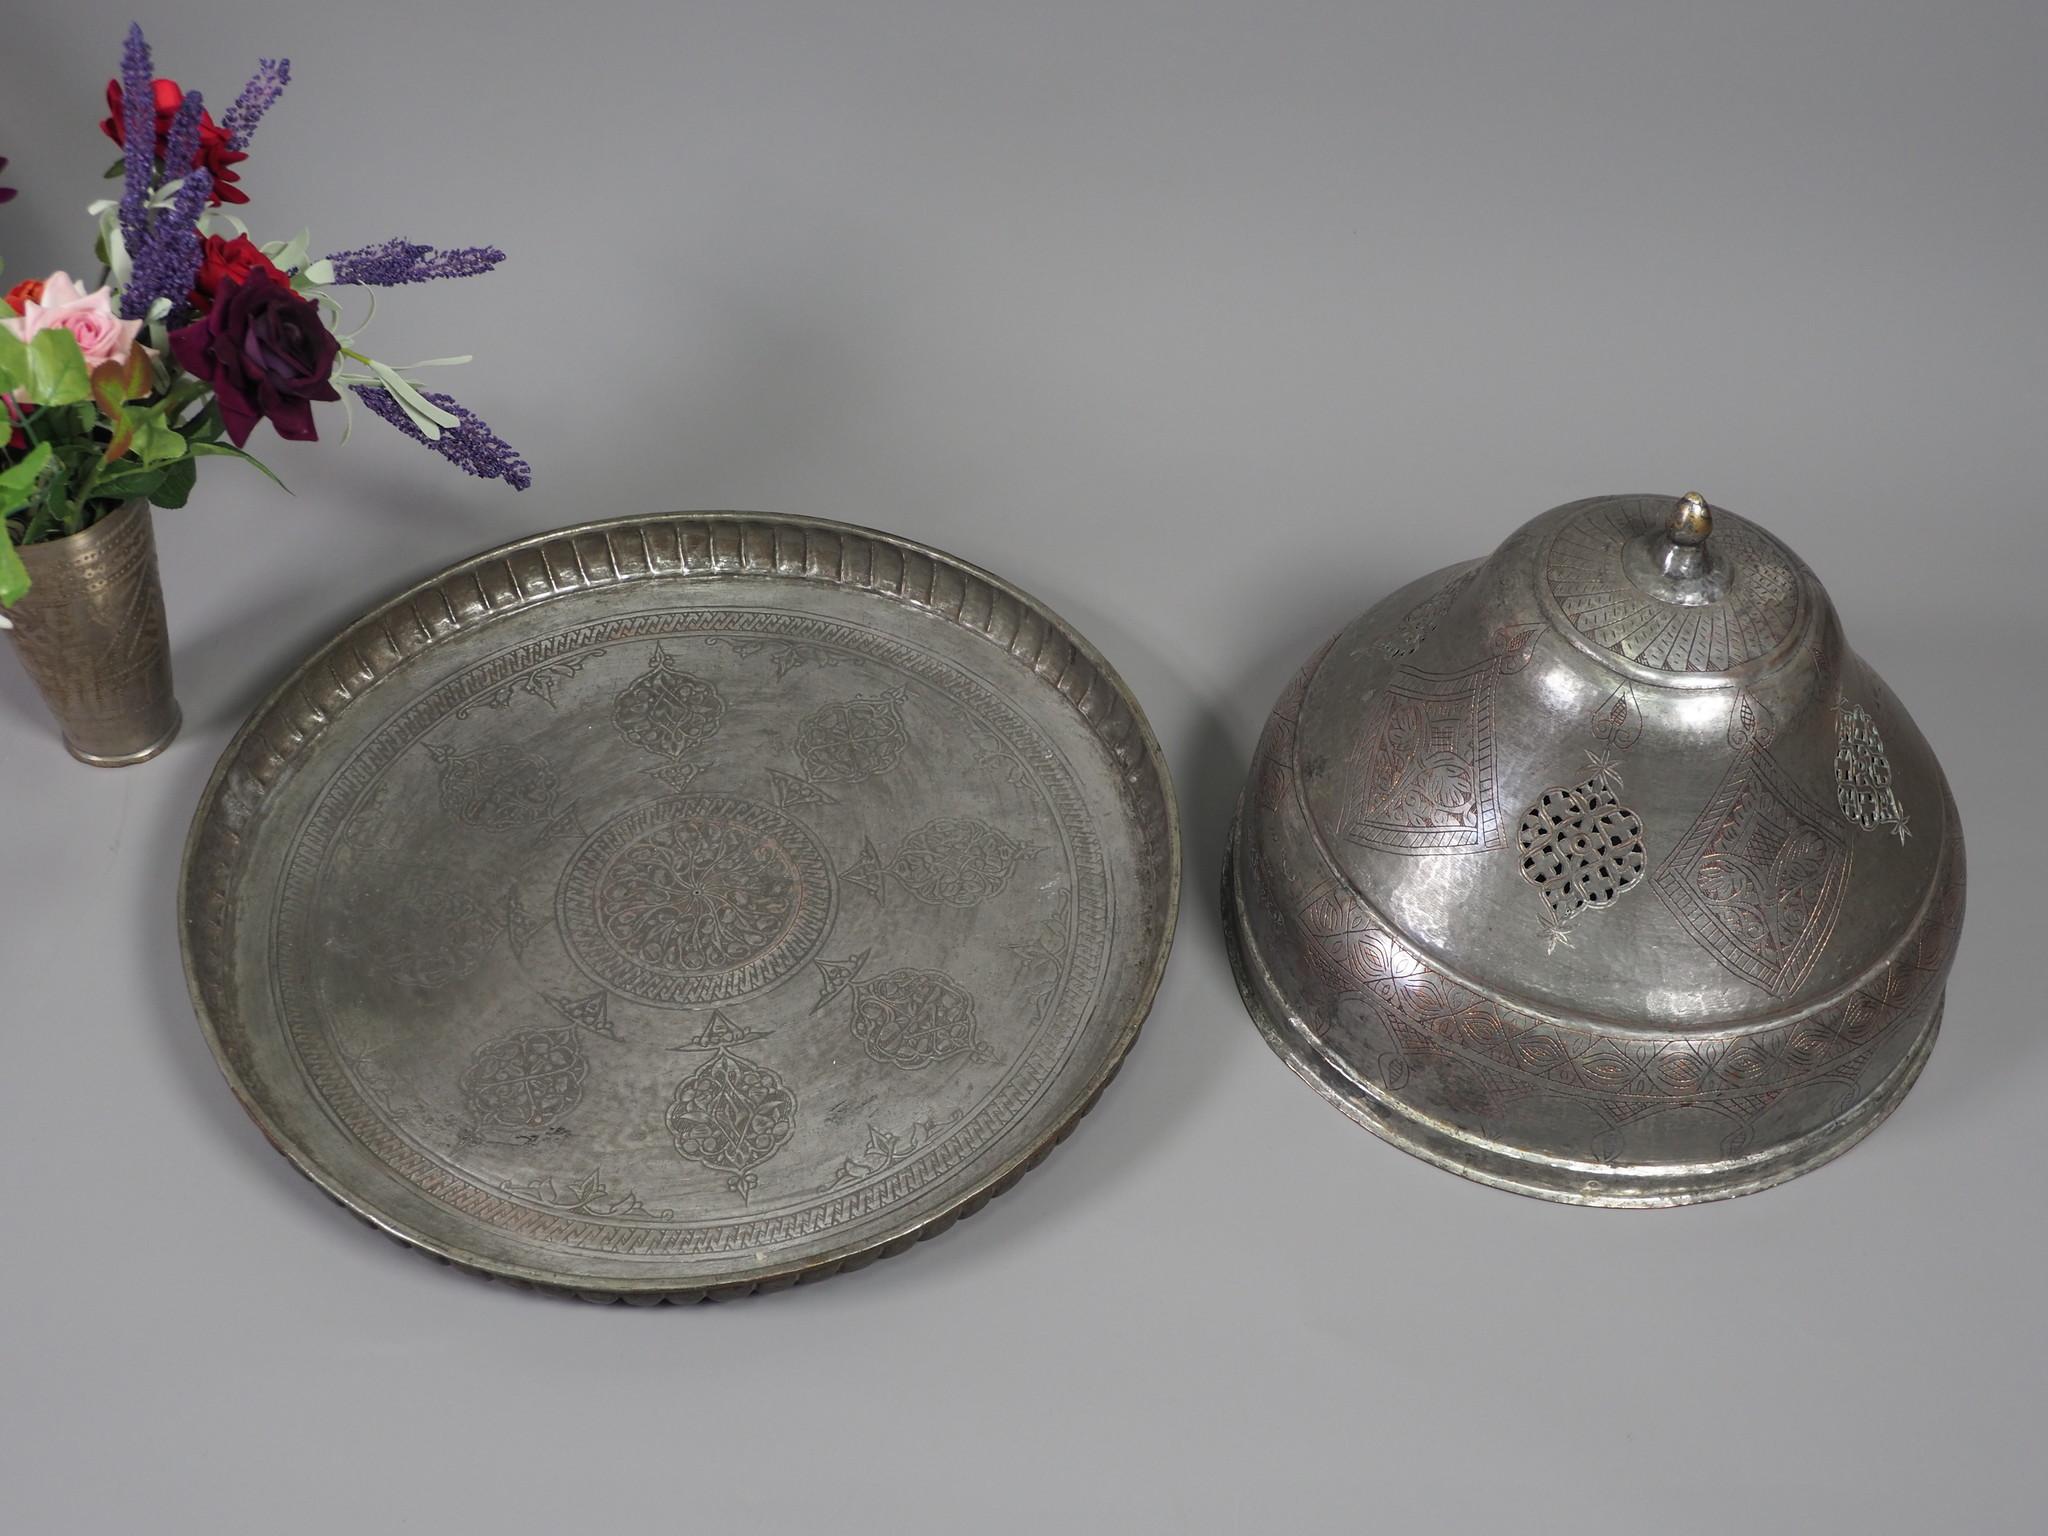 Antiker persischer Kupfer schalendeckel Sarpush Essen / Schüsseldeckel